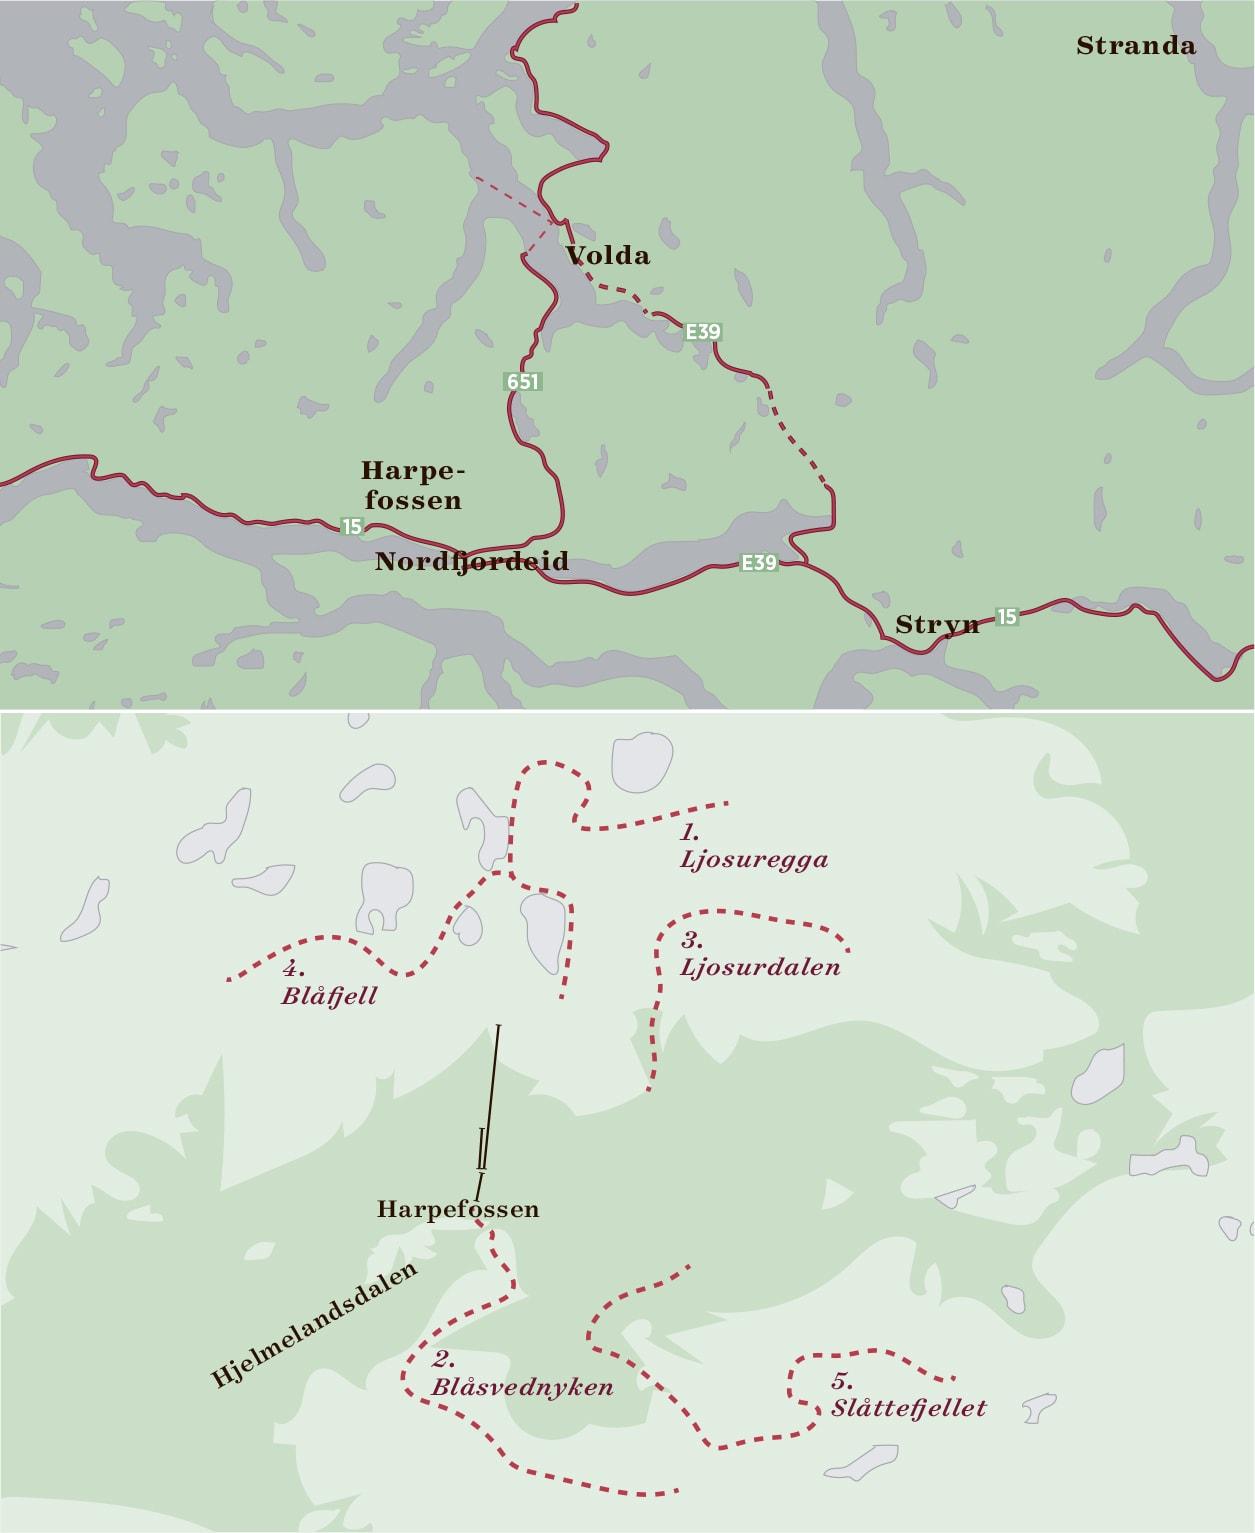 PLANENE: Harpefossen ønsker å bedrive catskiing på fem fjelltopper, sør og nord for skisenteret.